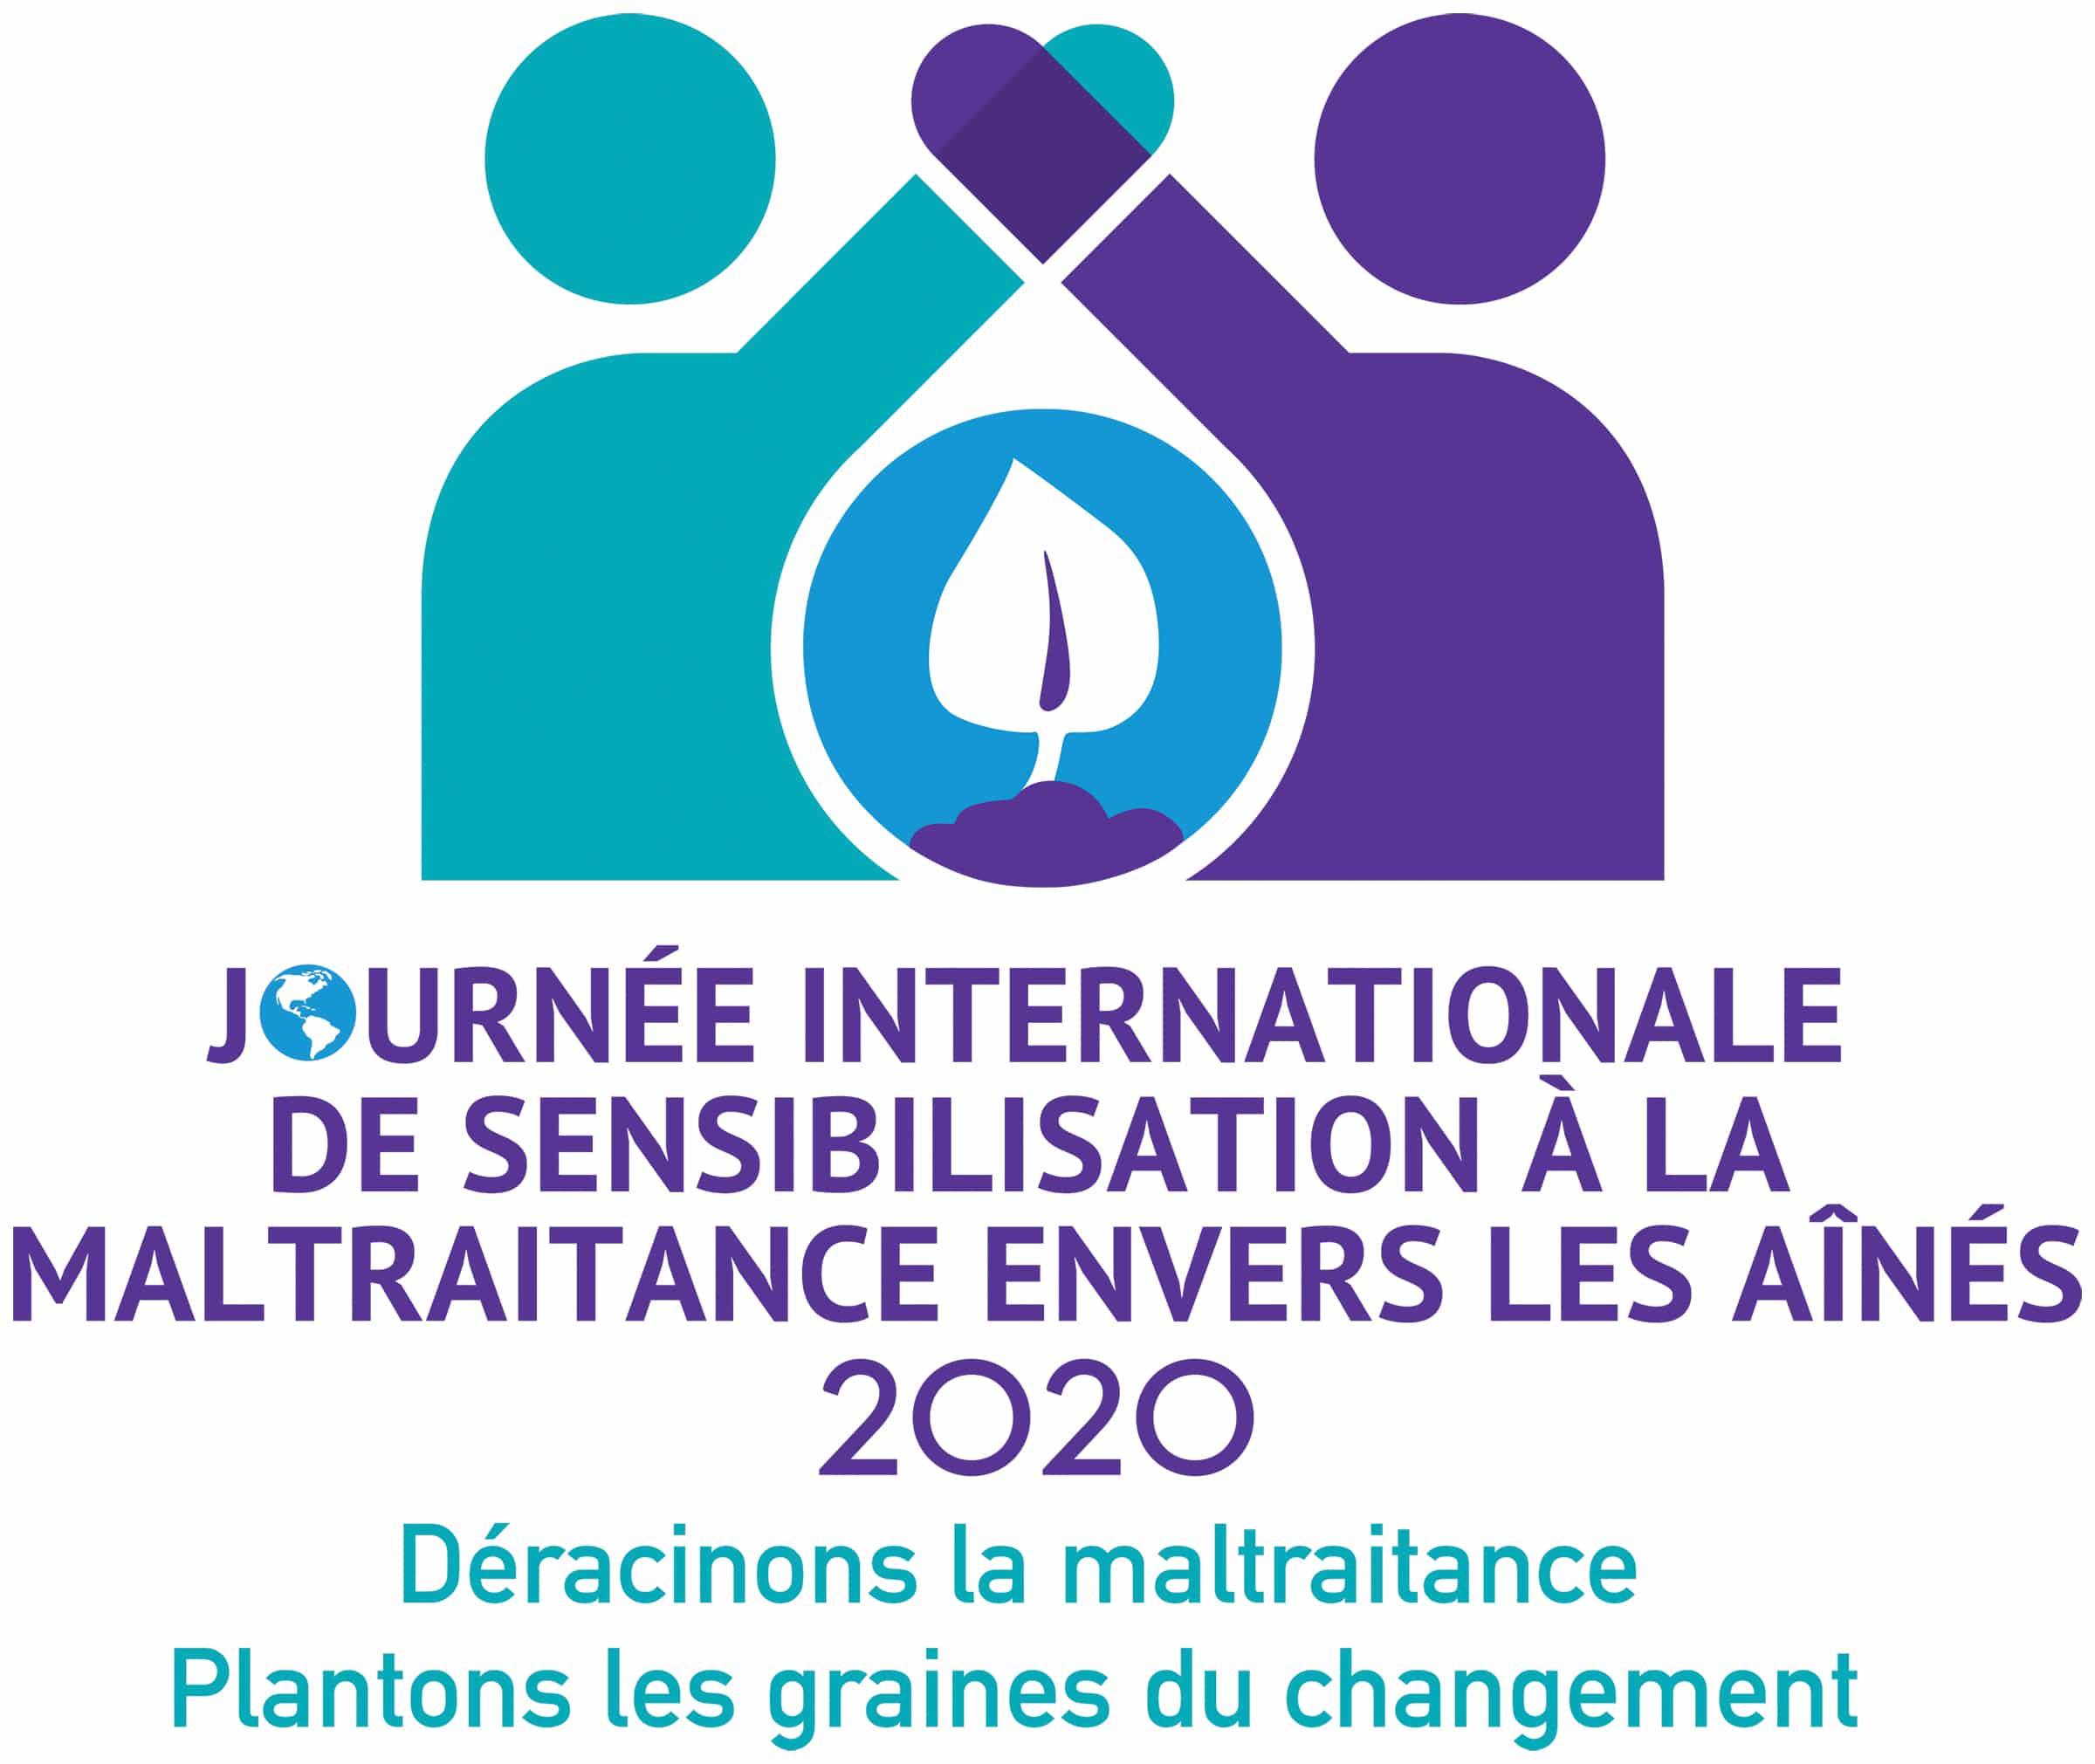 journee internationale de sensibiliisation a la maltraitance envers les aines 2020: eracinons la maltraitance Plantons les graines du changement